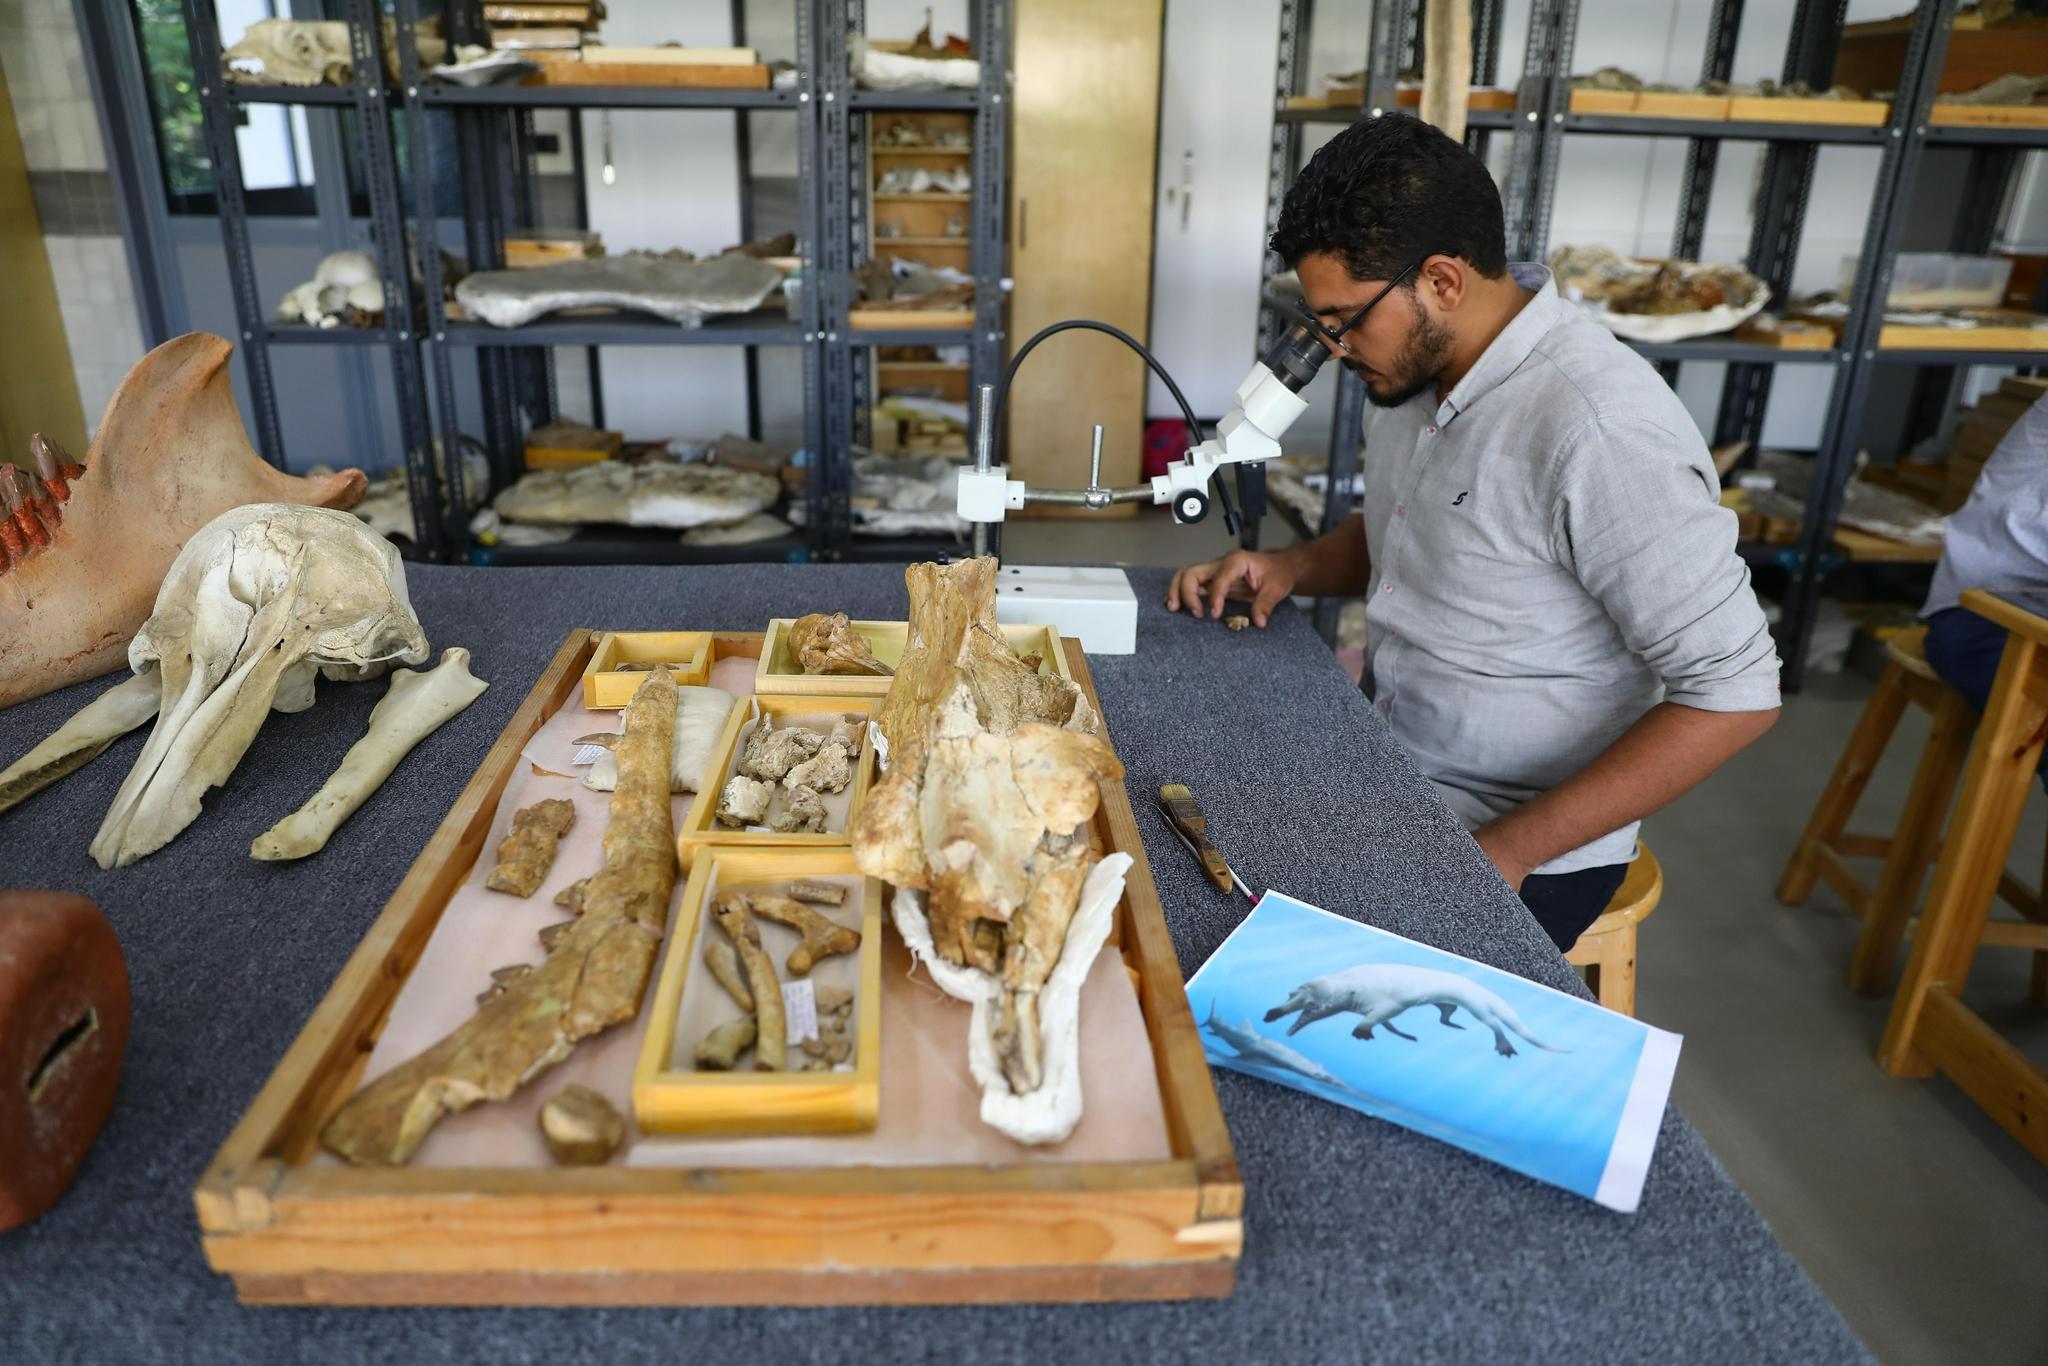 """埃及""""鲸鱼谷""""发现的4300万年前半水生鲸化石揭示早期鲸类如何从陆地走向海洋"""